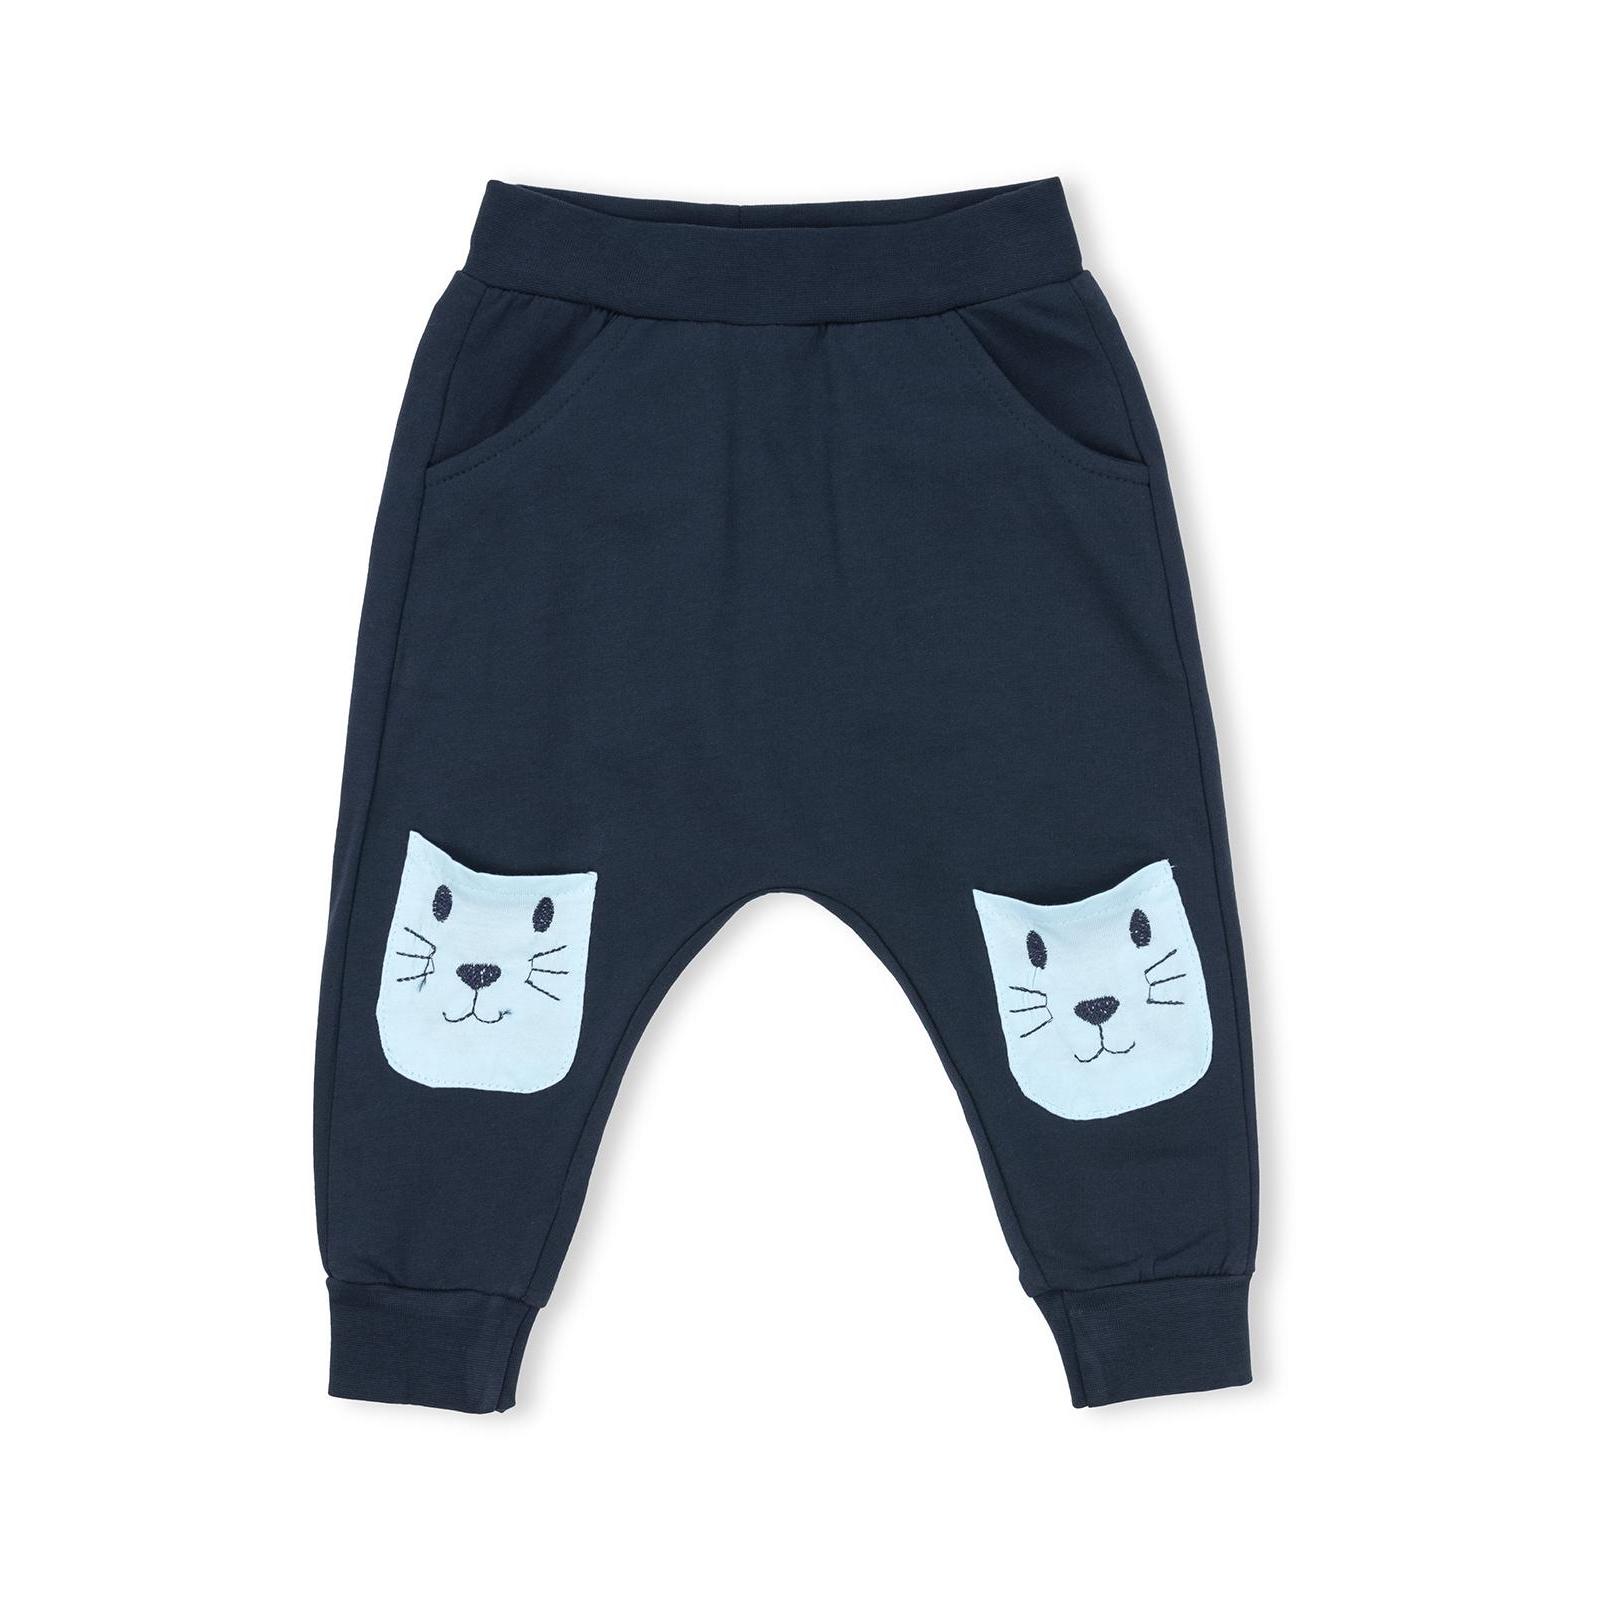 Набор детской одежды Breeze с карманчиками (10234-92G-blue) изображение 3